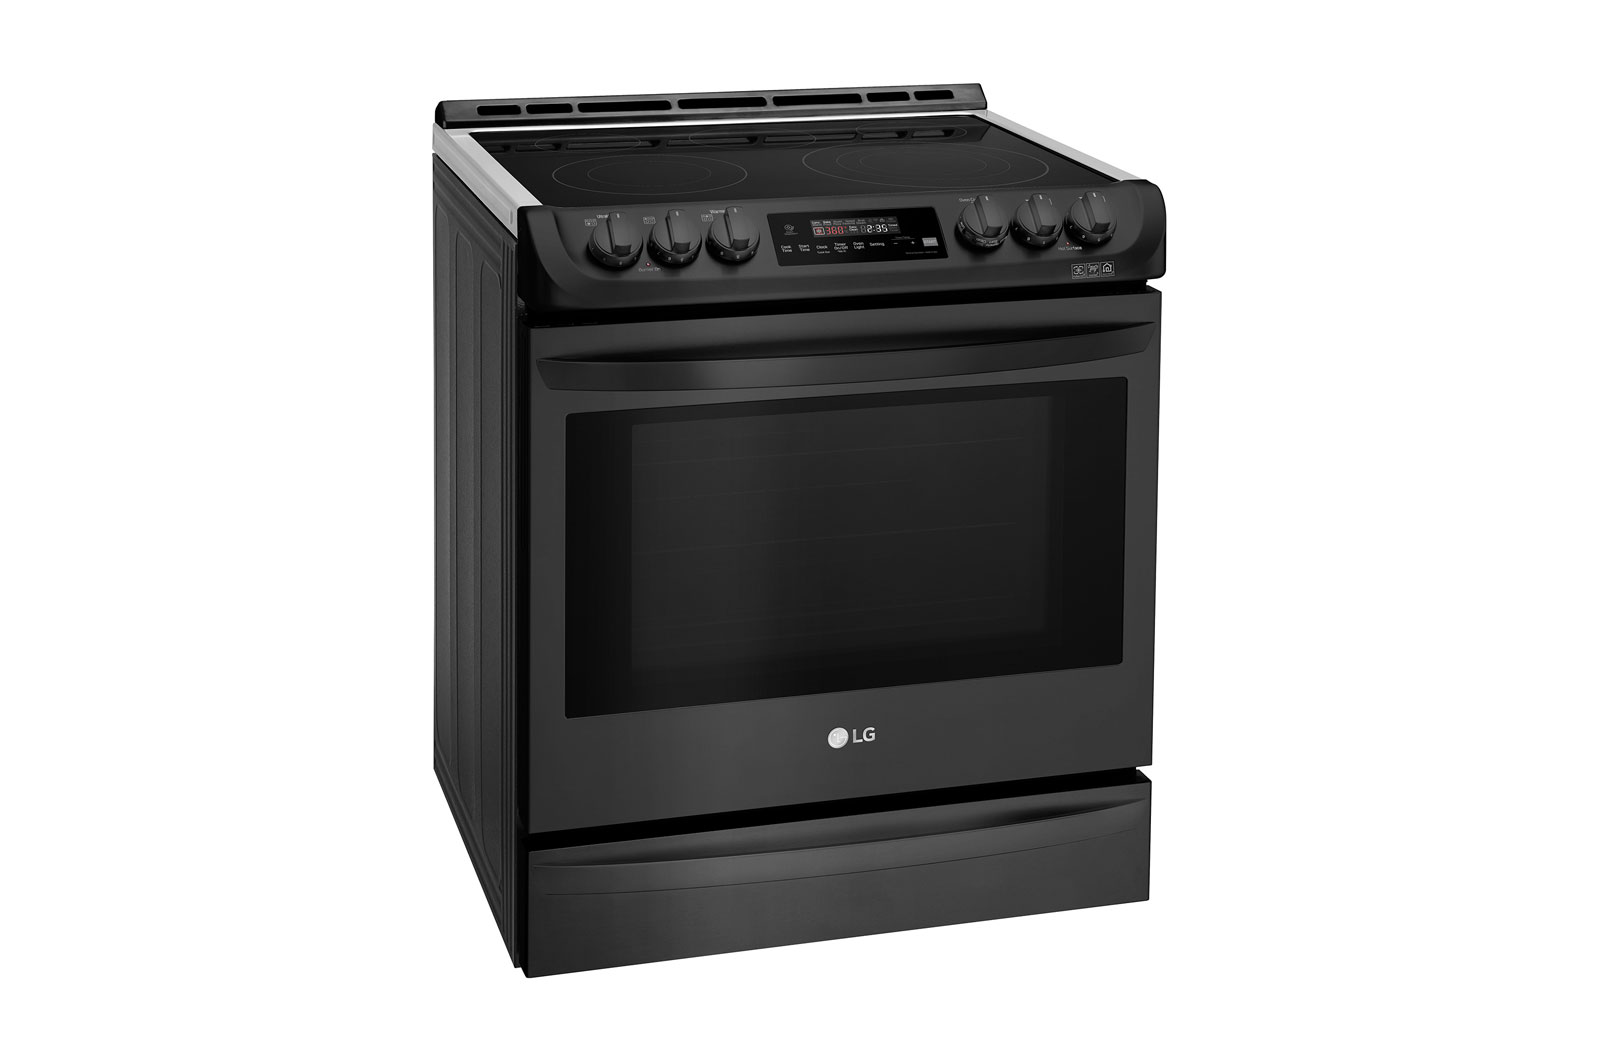 LG stove